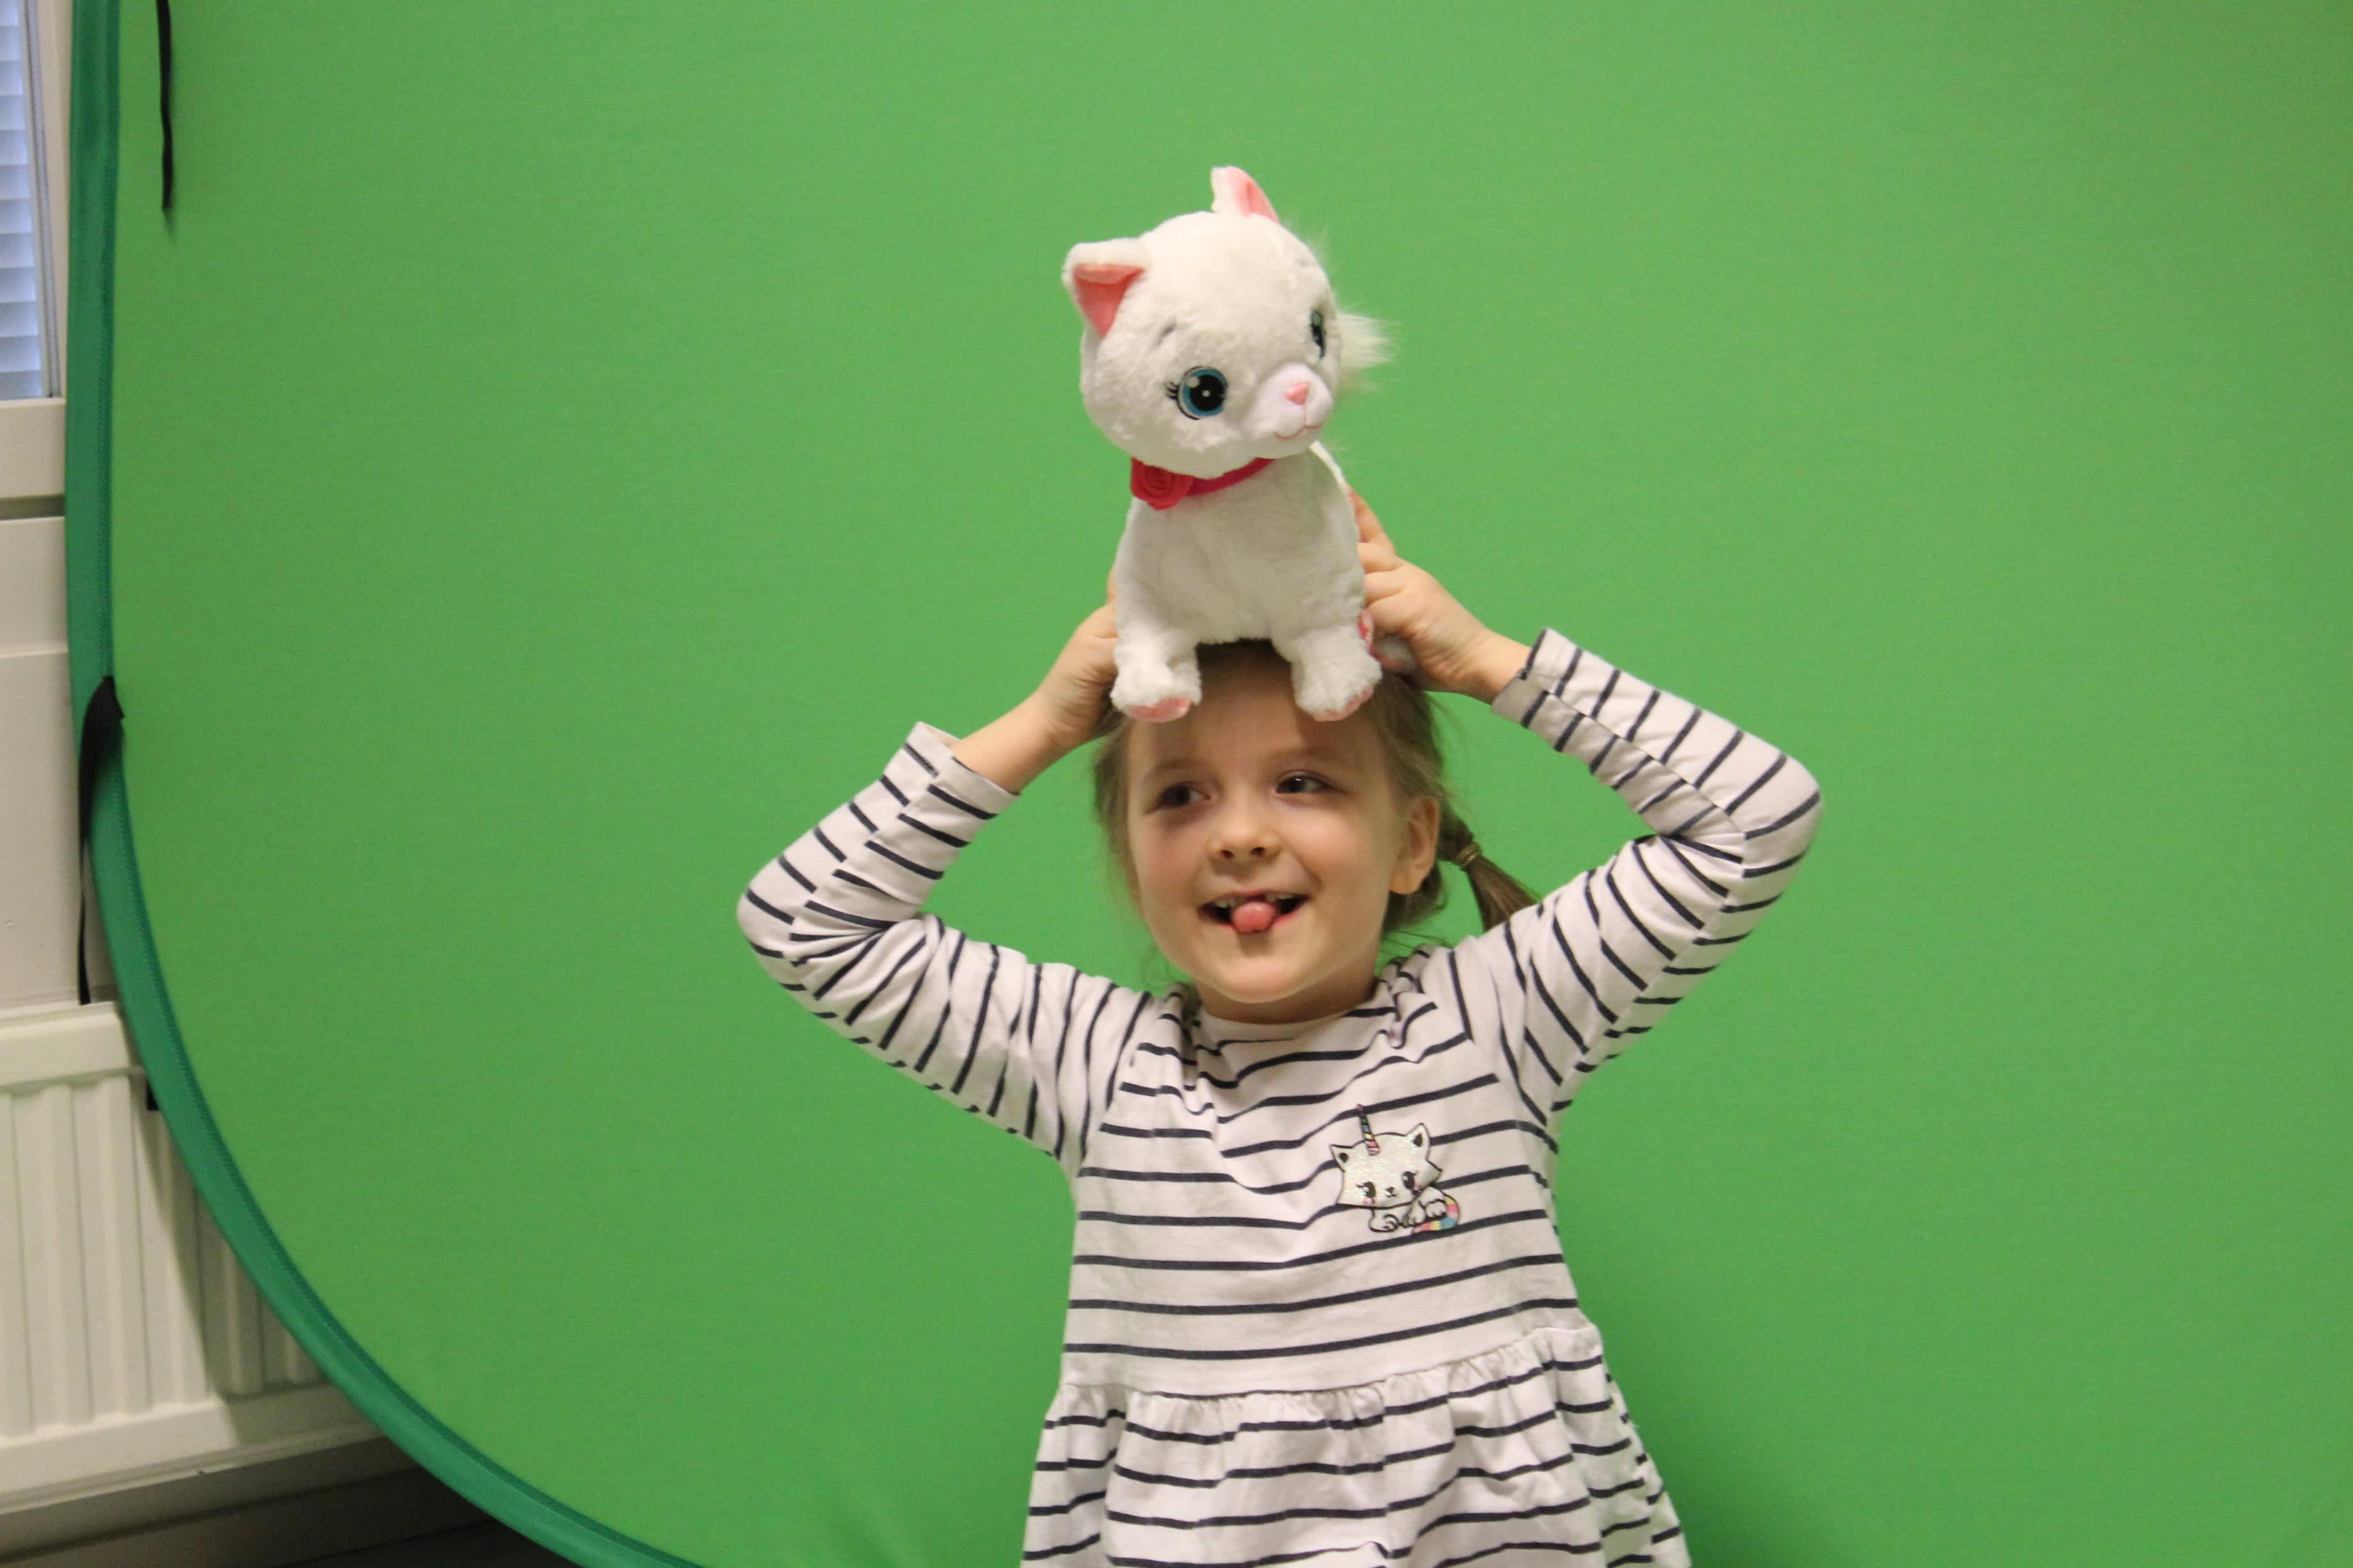 Lapset ottavat toisistaan kuvia green screen -kankaan edessä.